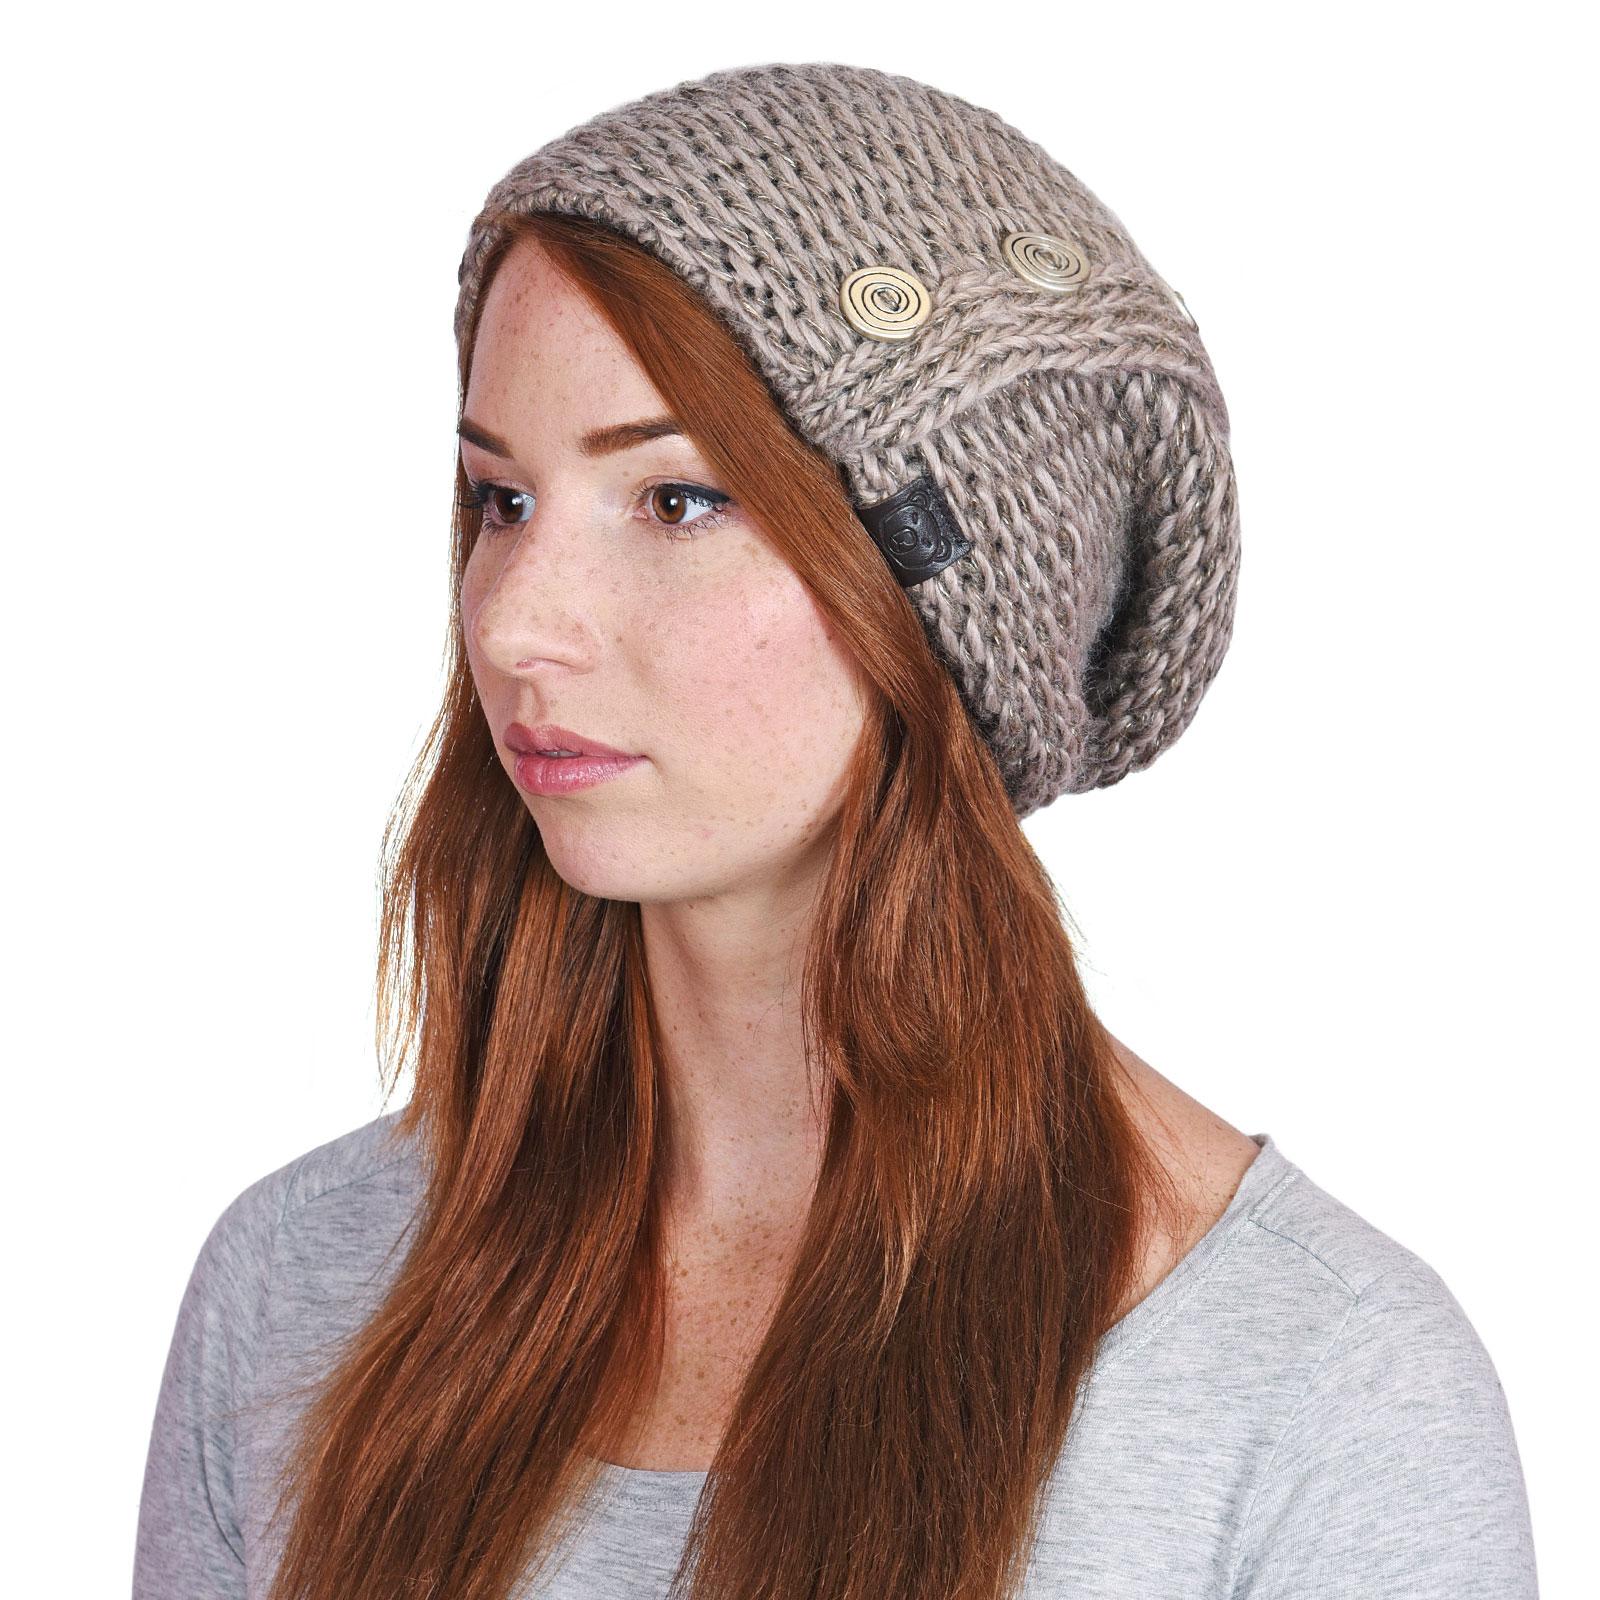 CP-01067-VF16-P-bonnet-femme-fantaisie-taupe